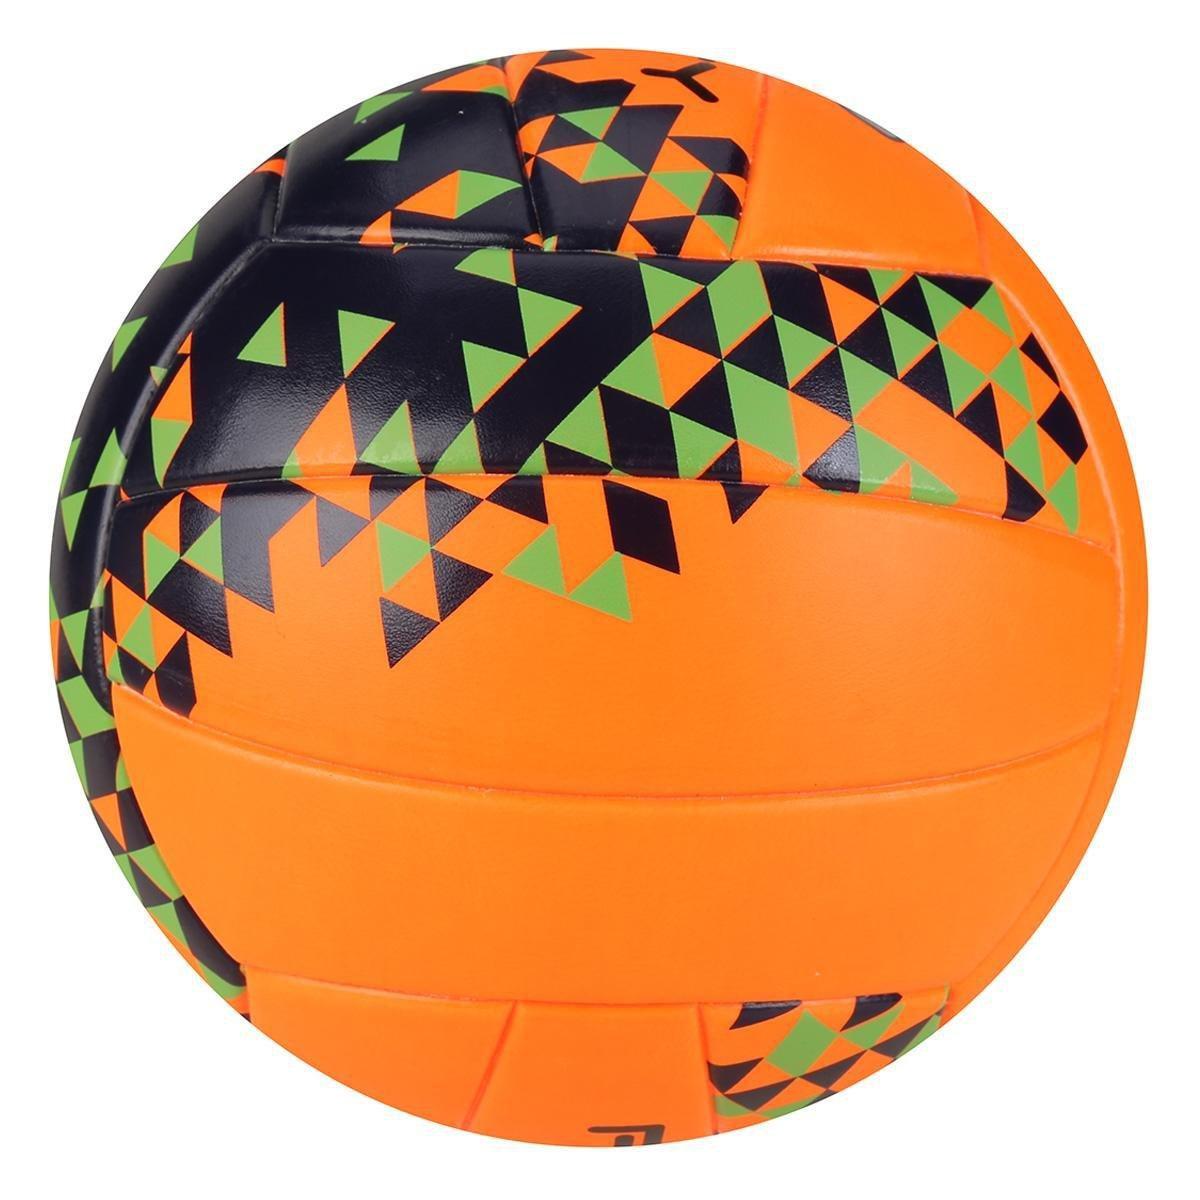 Bola de Vôlei Penalty MG 3600 Fusion VIII - Laranja e Verde - Compre ... dc5e95395380b